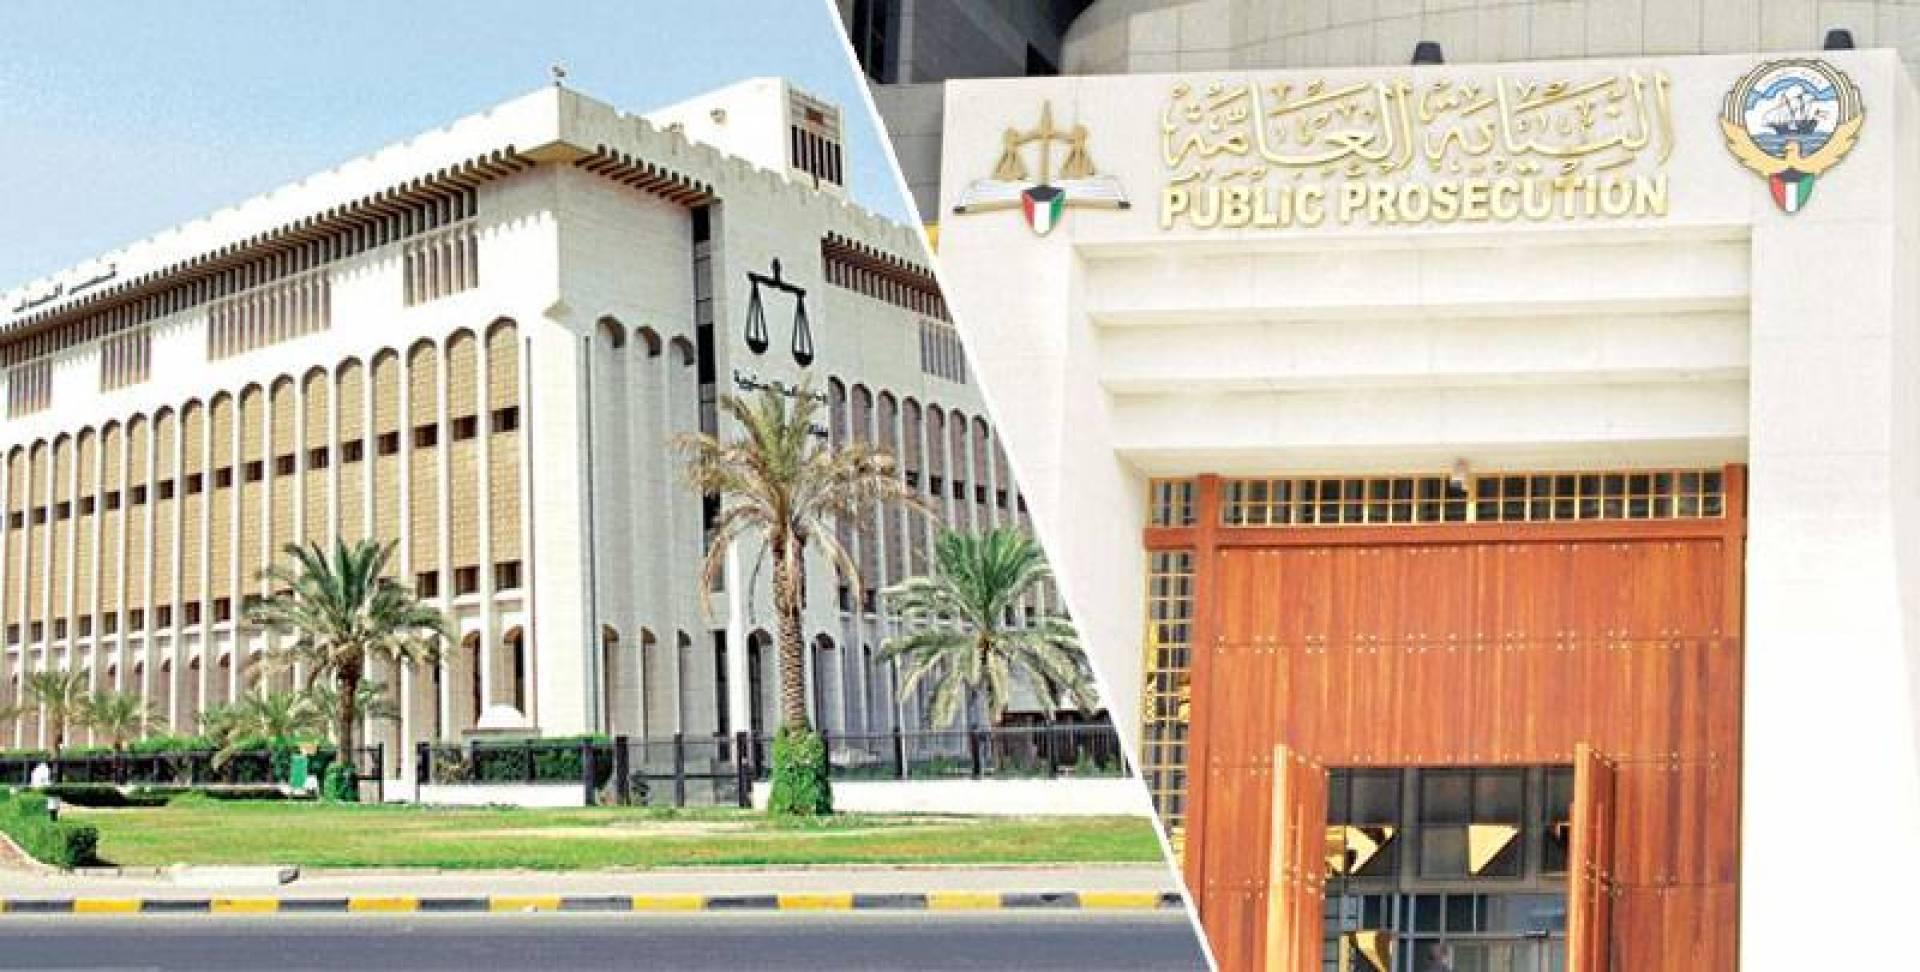 7 خبراء يدققون حسابات متهمي «غسل الأموال»